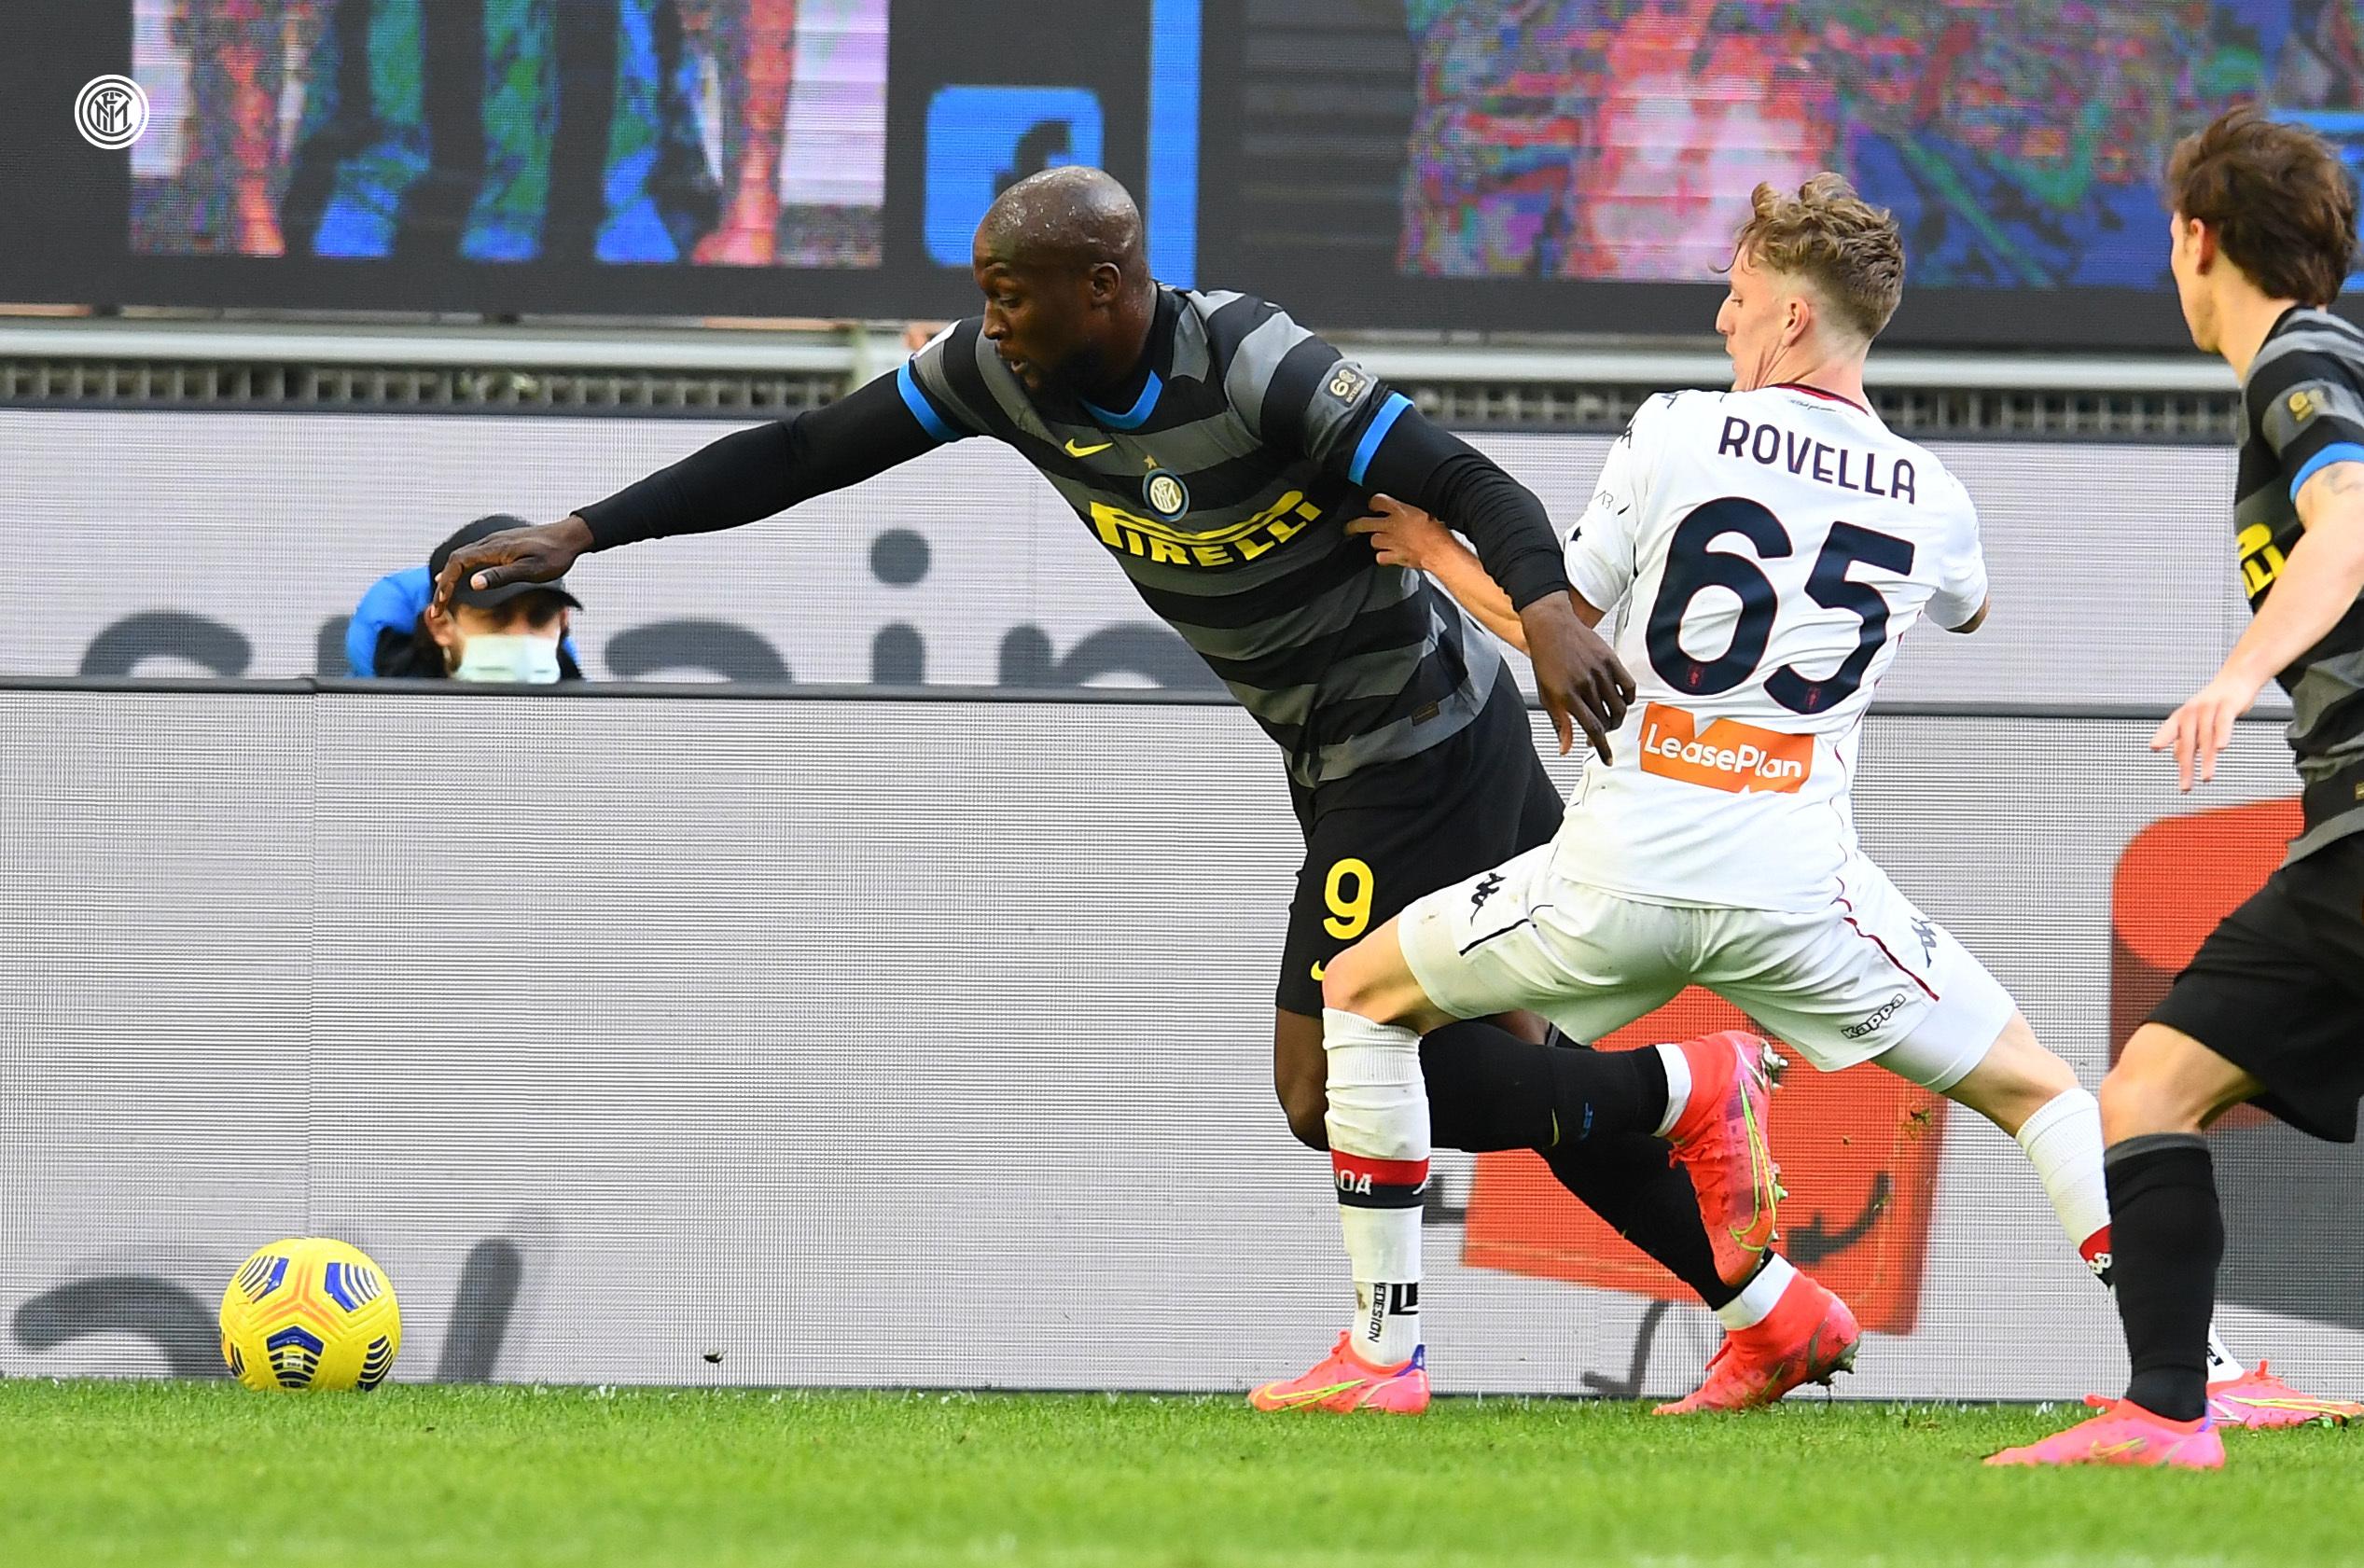 Lukaku Rovella Inter-Genoa